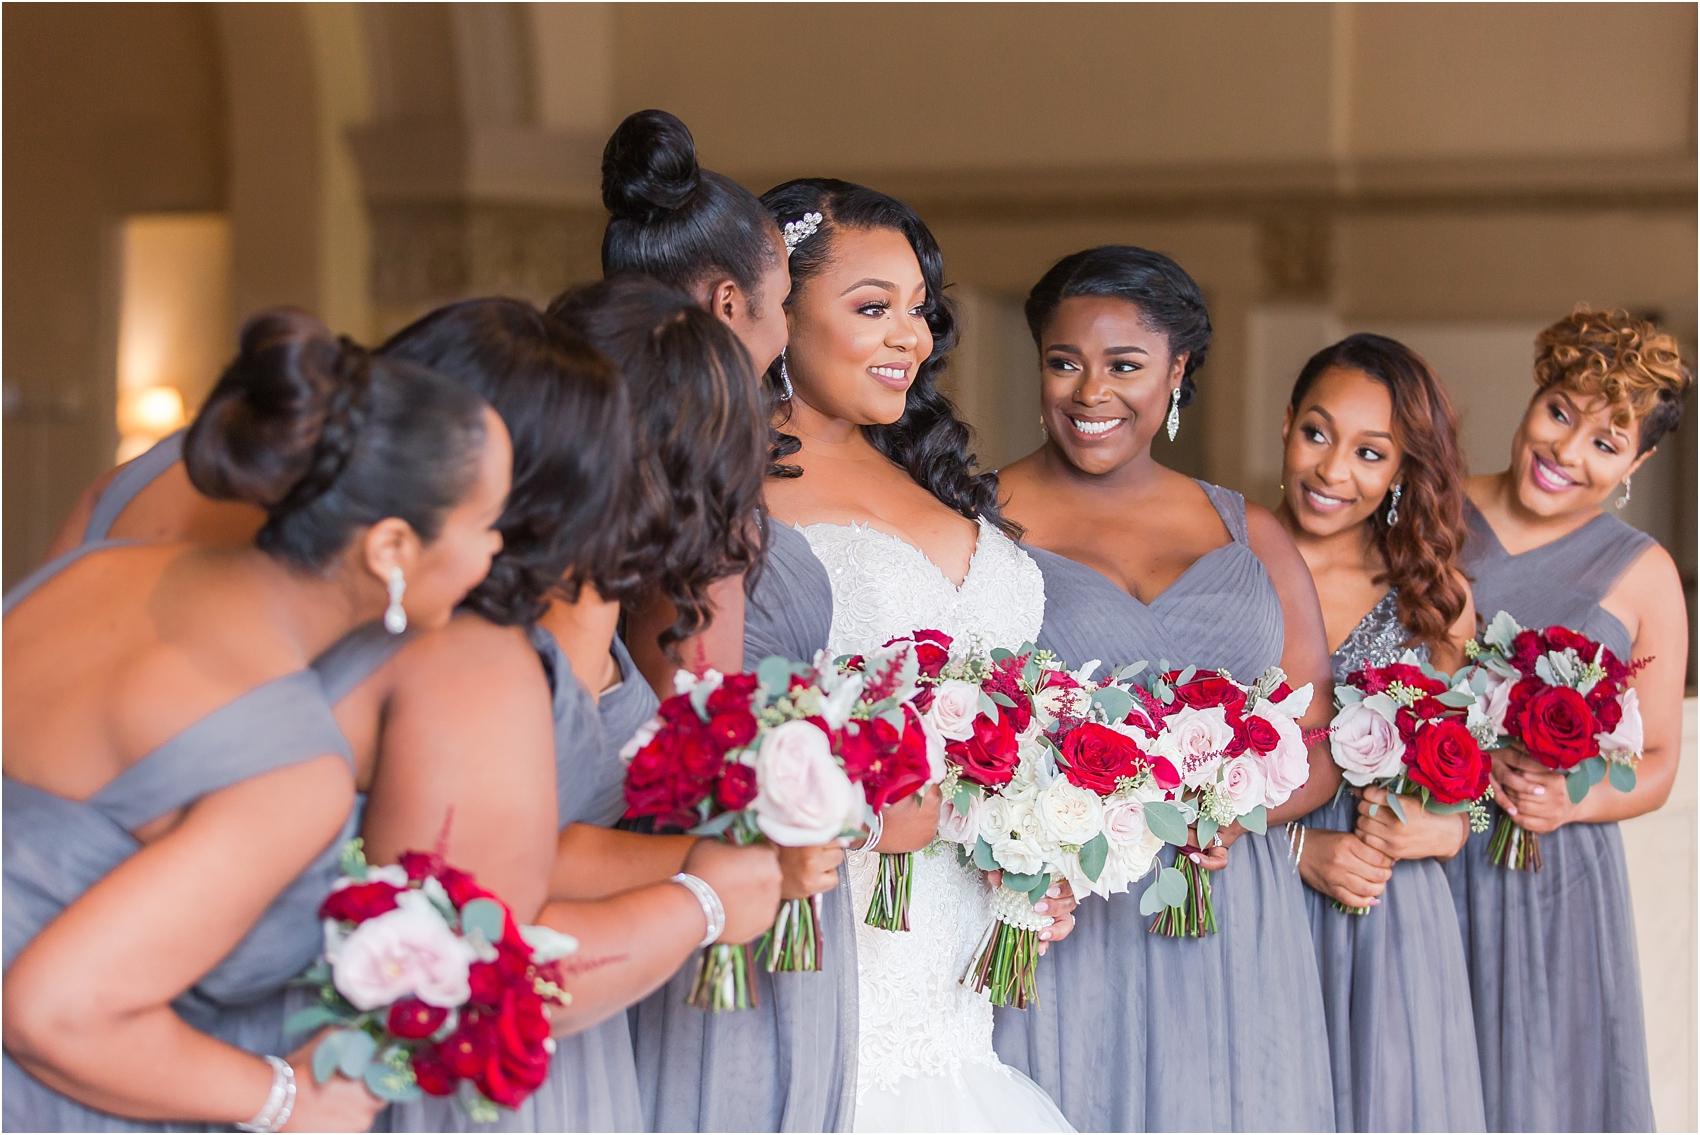 minimalist-and-modern-wedding-photos-at-30-north-saginaw-in-pontiac-michigan-by-courtney-carolyn-photography_0027.jpg